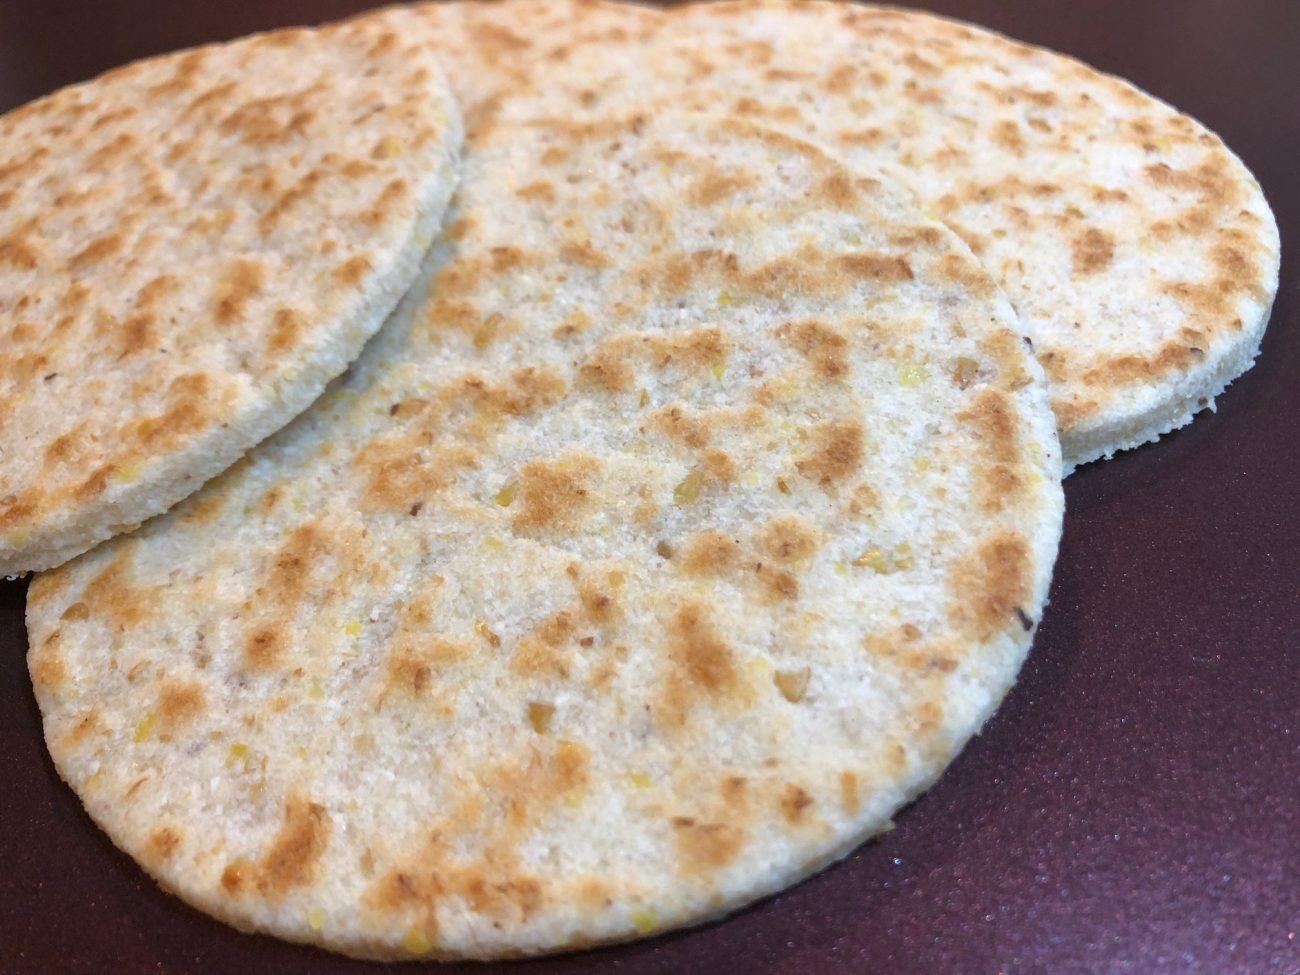 Πιτάκια αμυγδάλου (keto bread) ή πίτα για σάντουιτς χωρίς γλουτένη